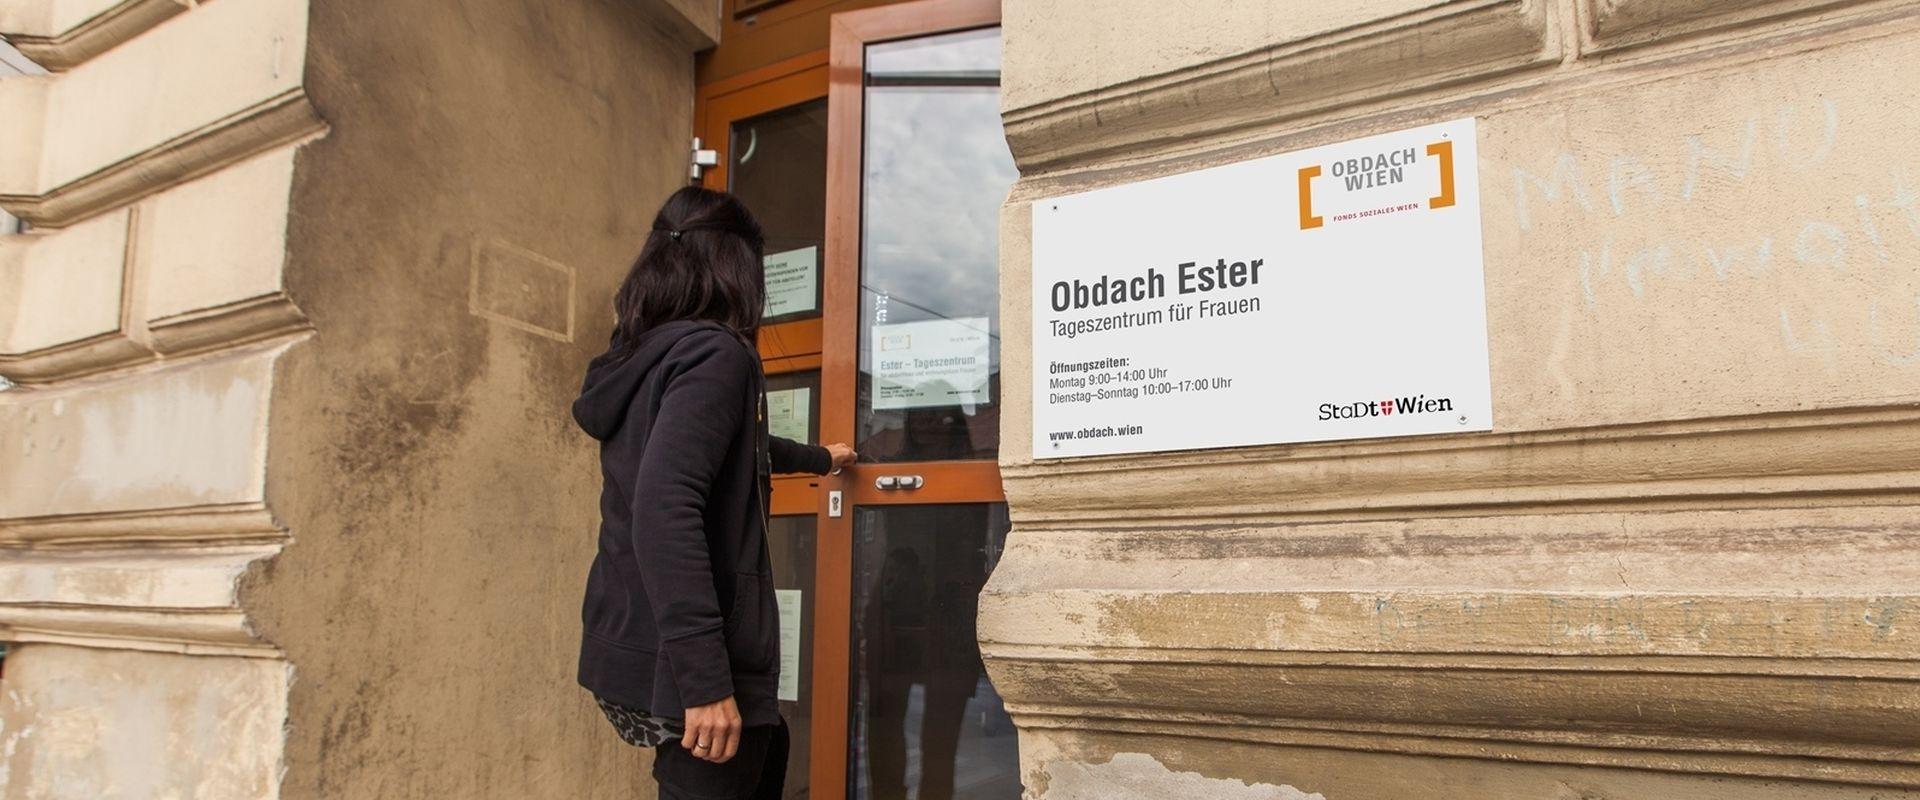 Die Türen des Tageszentrum Obdach Ester stehen Frauen jeden Tag offen.